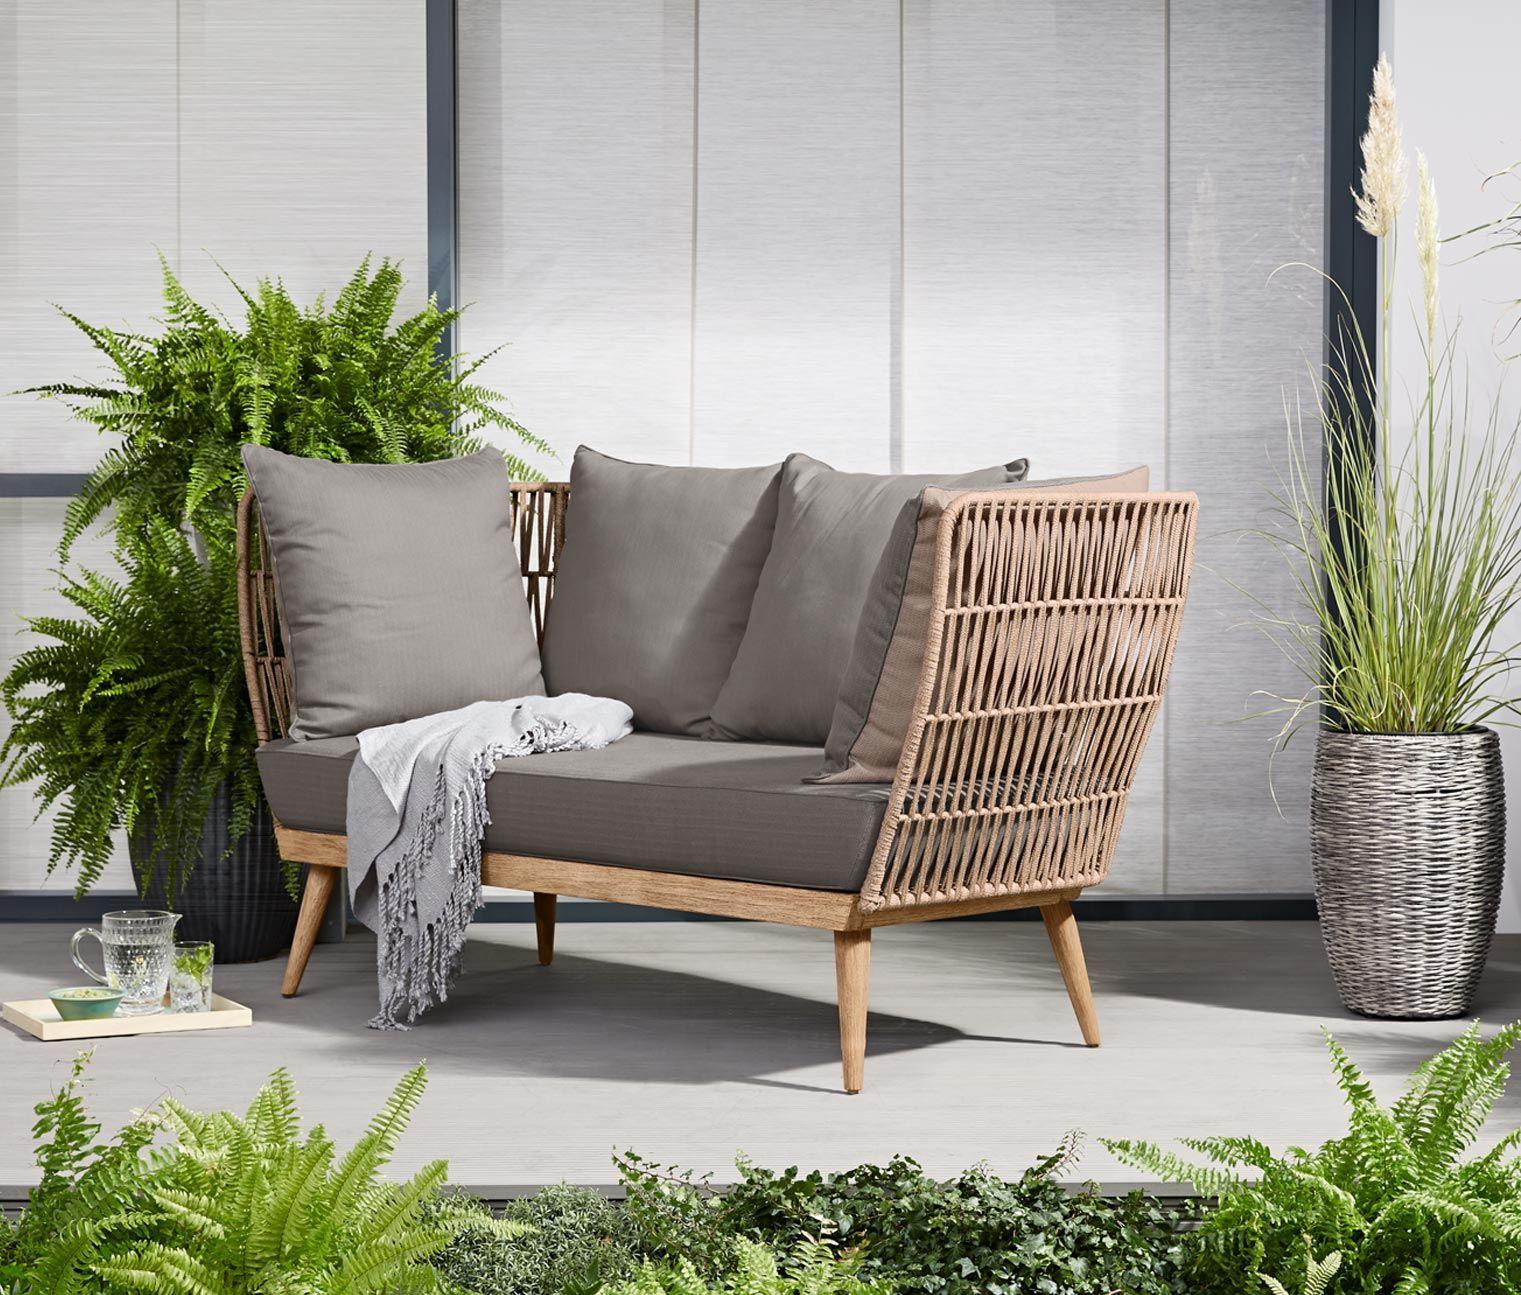 Lounge Sofa Premium Mit Textilgeflecht Mit Bildern Lounge